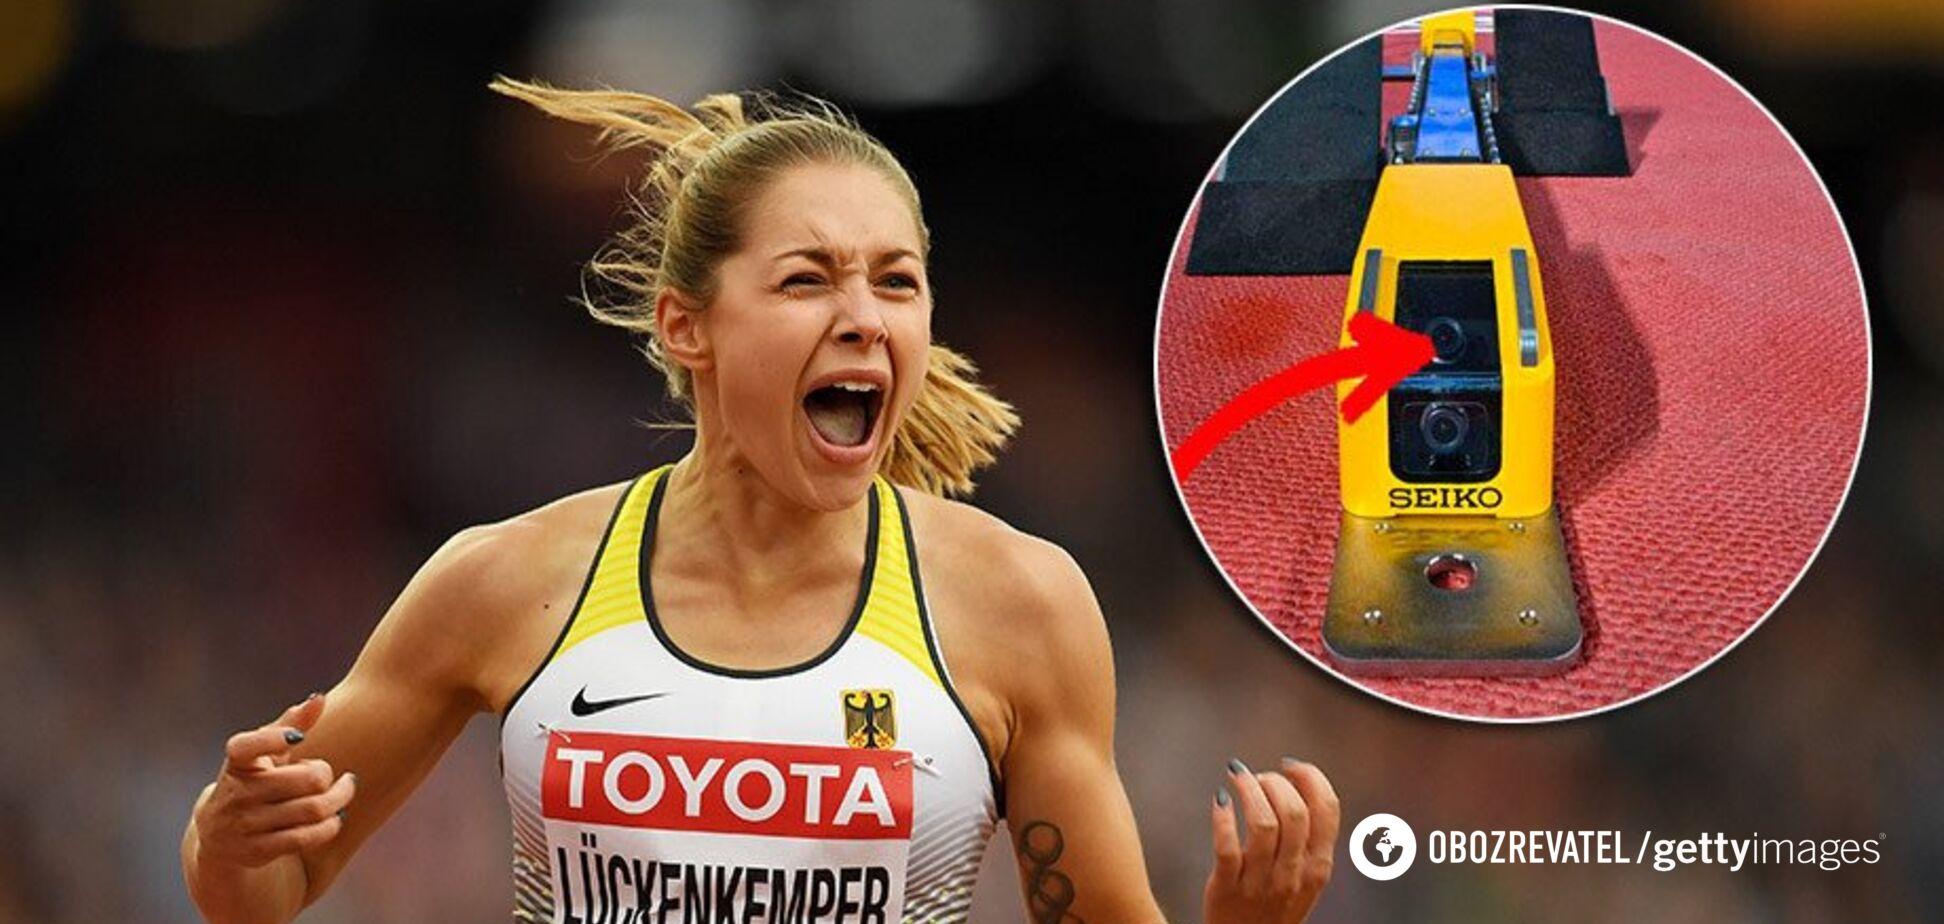 Интимные съемки: на ЧМ по легкой атлетике вспыхнул грандиозный скандал